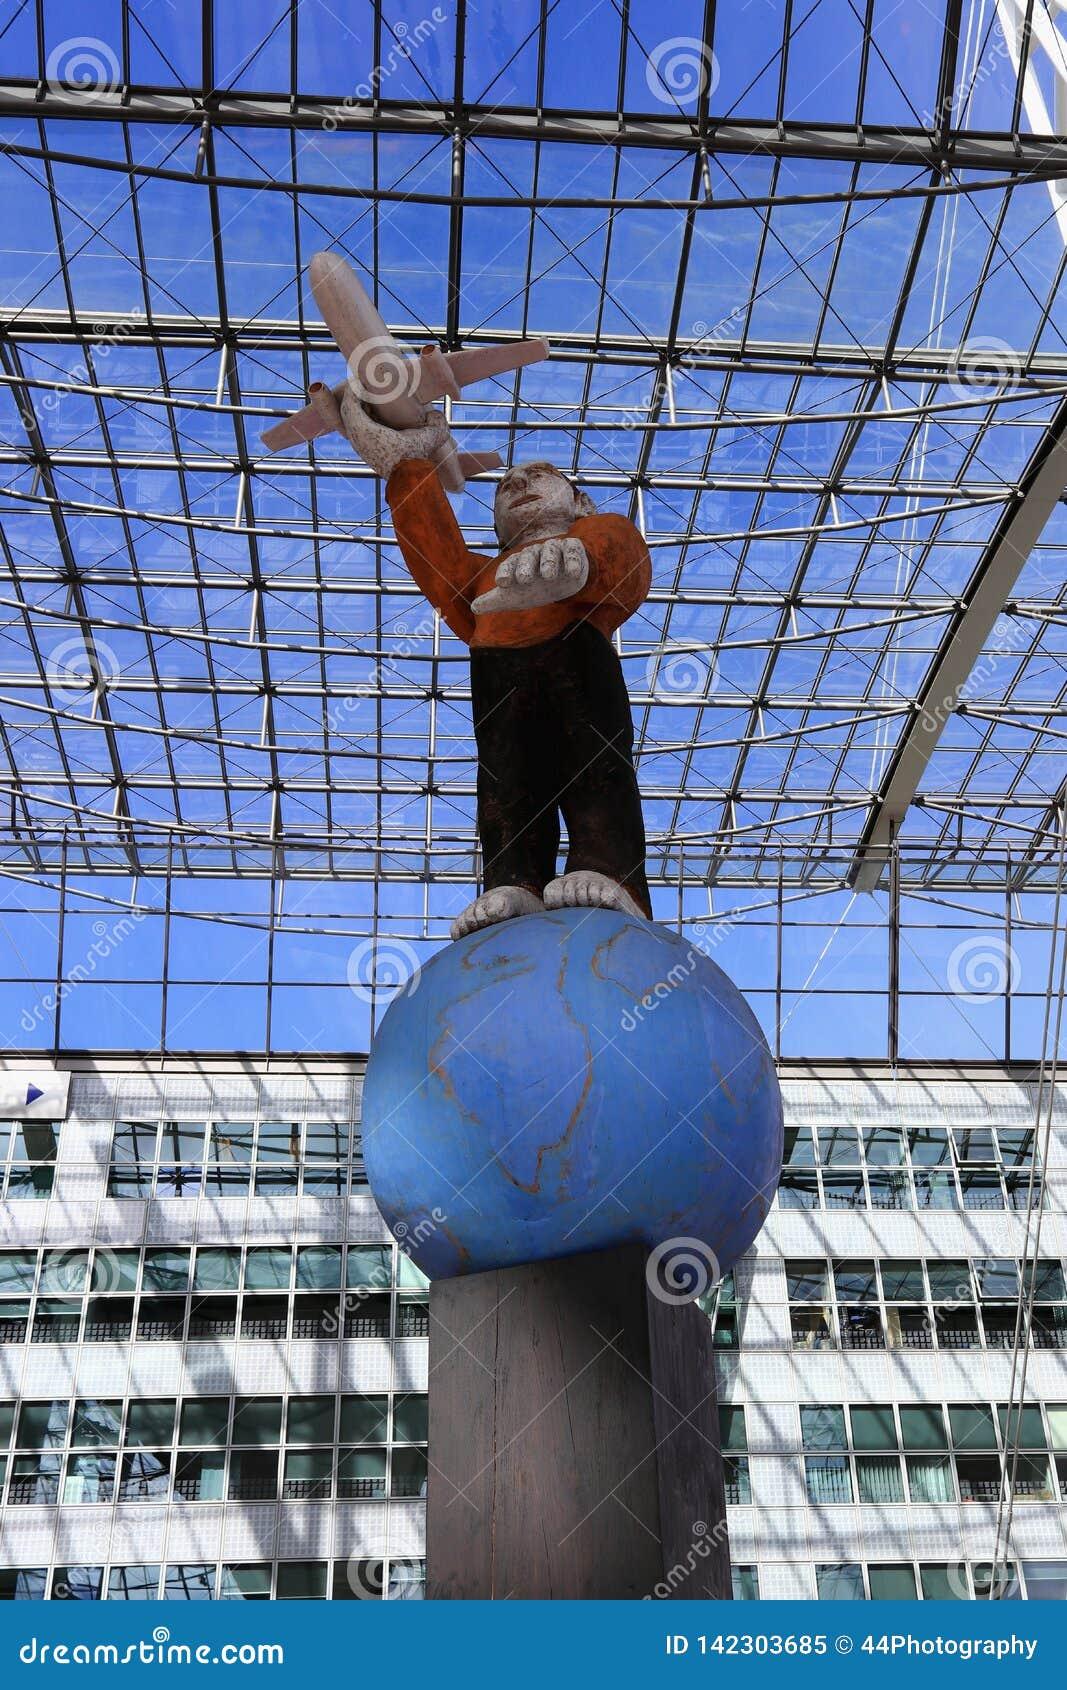 MUNICH, BAVIERA, ALEMANHA - 13 DE MARÇO DE 2019: Exposição de arte no aeroporto de Munich